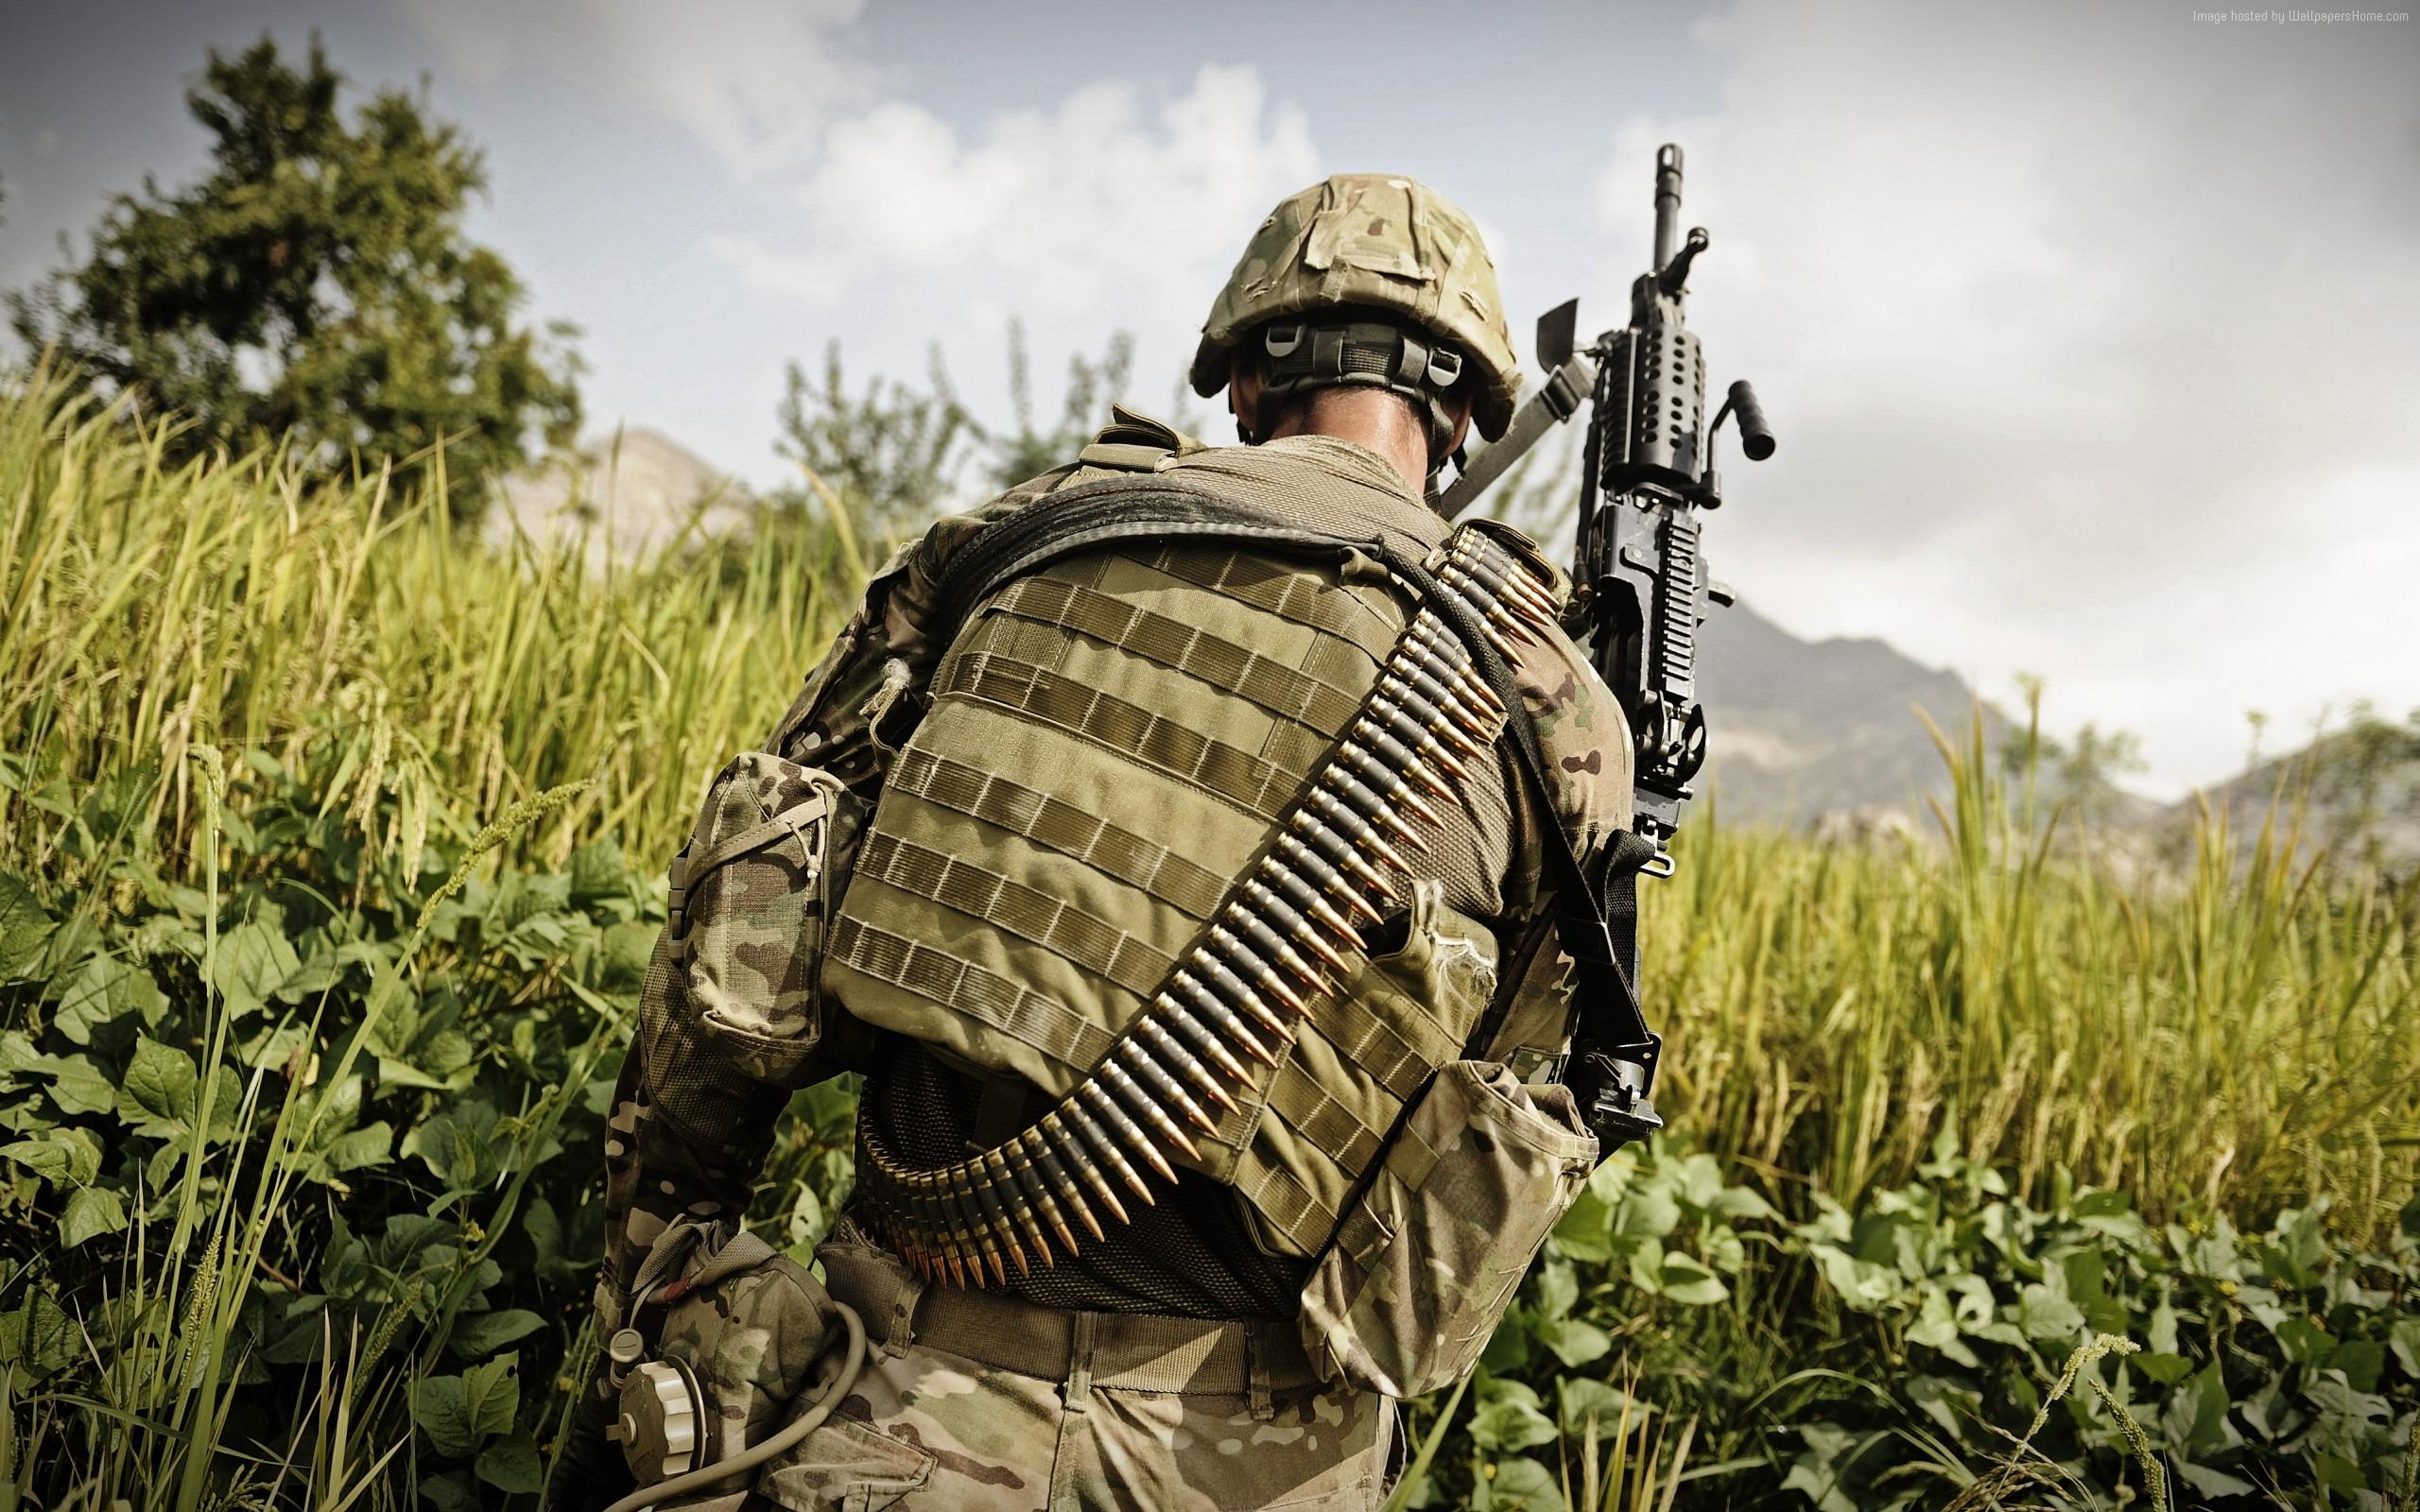 2016 Peacetime Soldier Military Hd Fondos De Escritorio 12